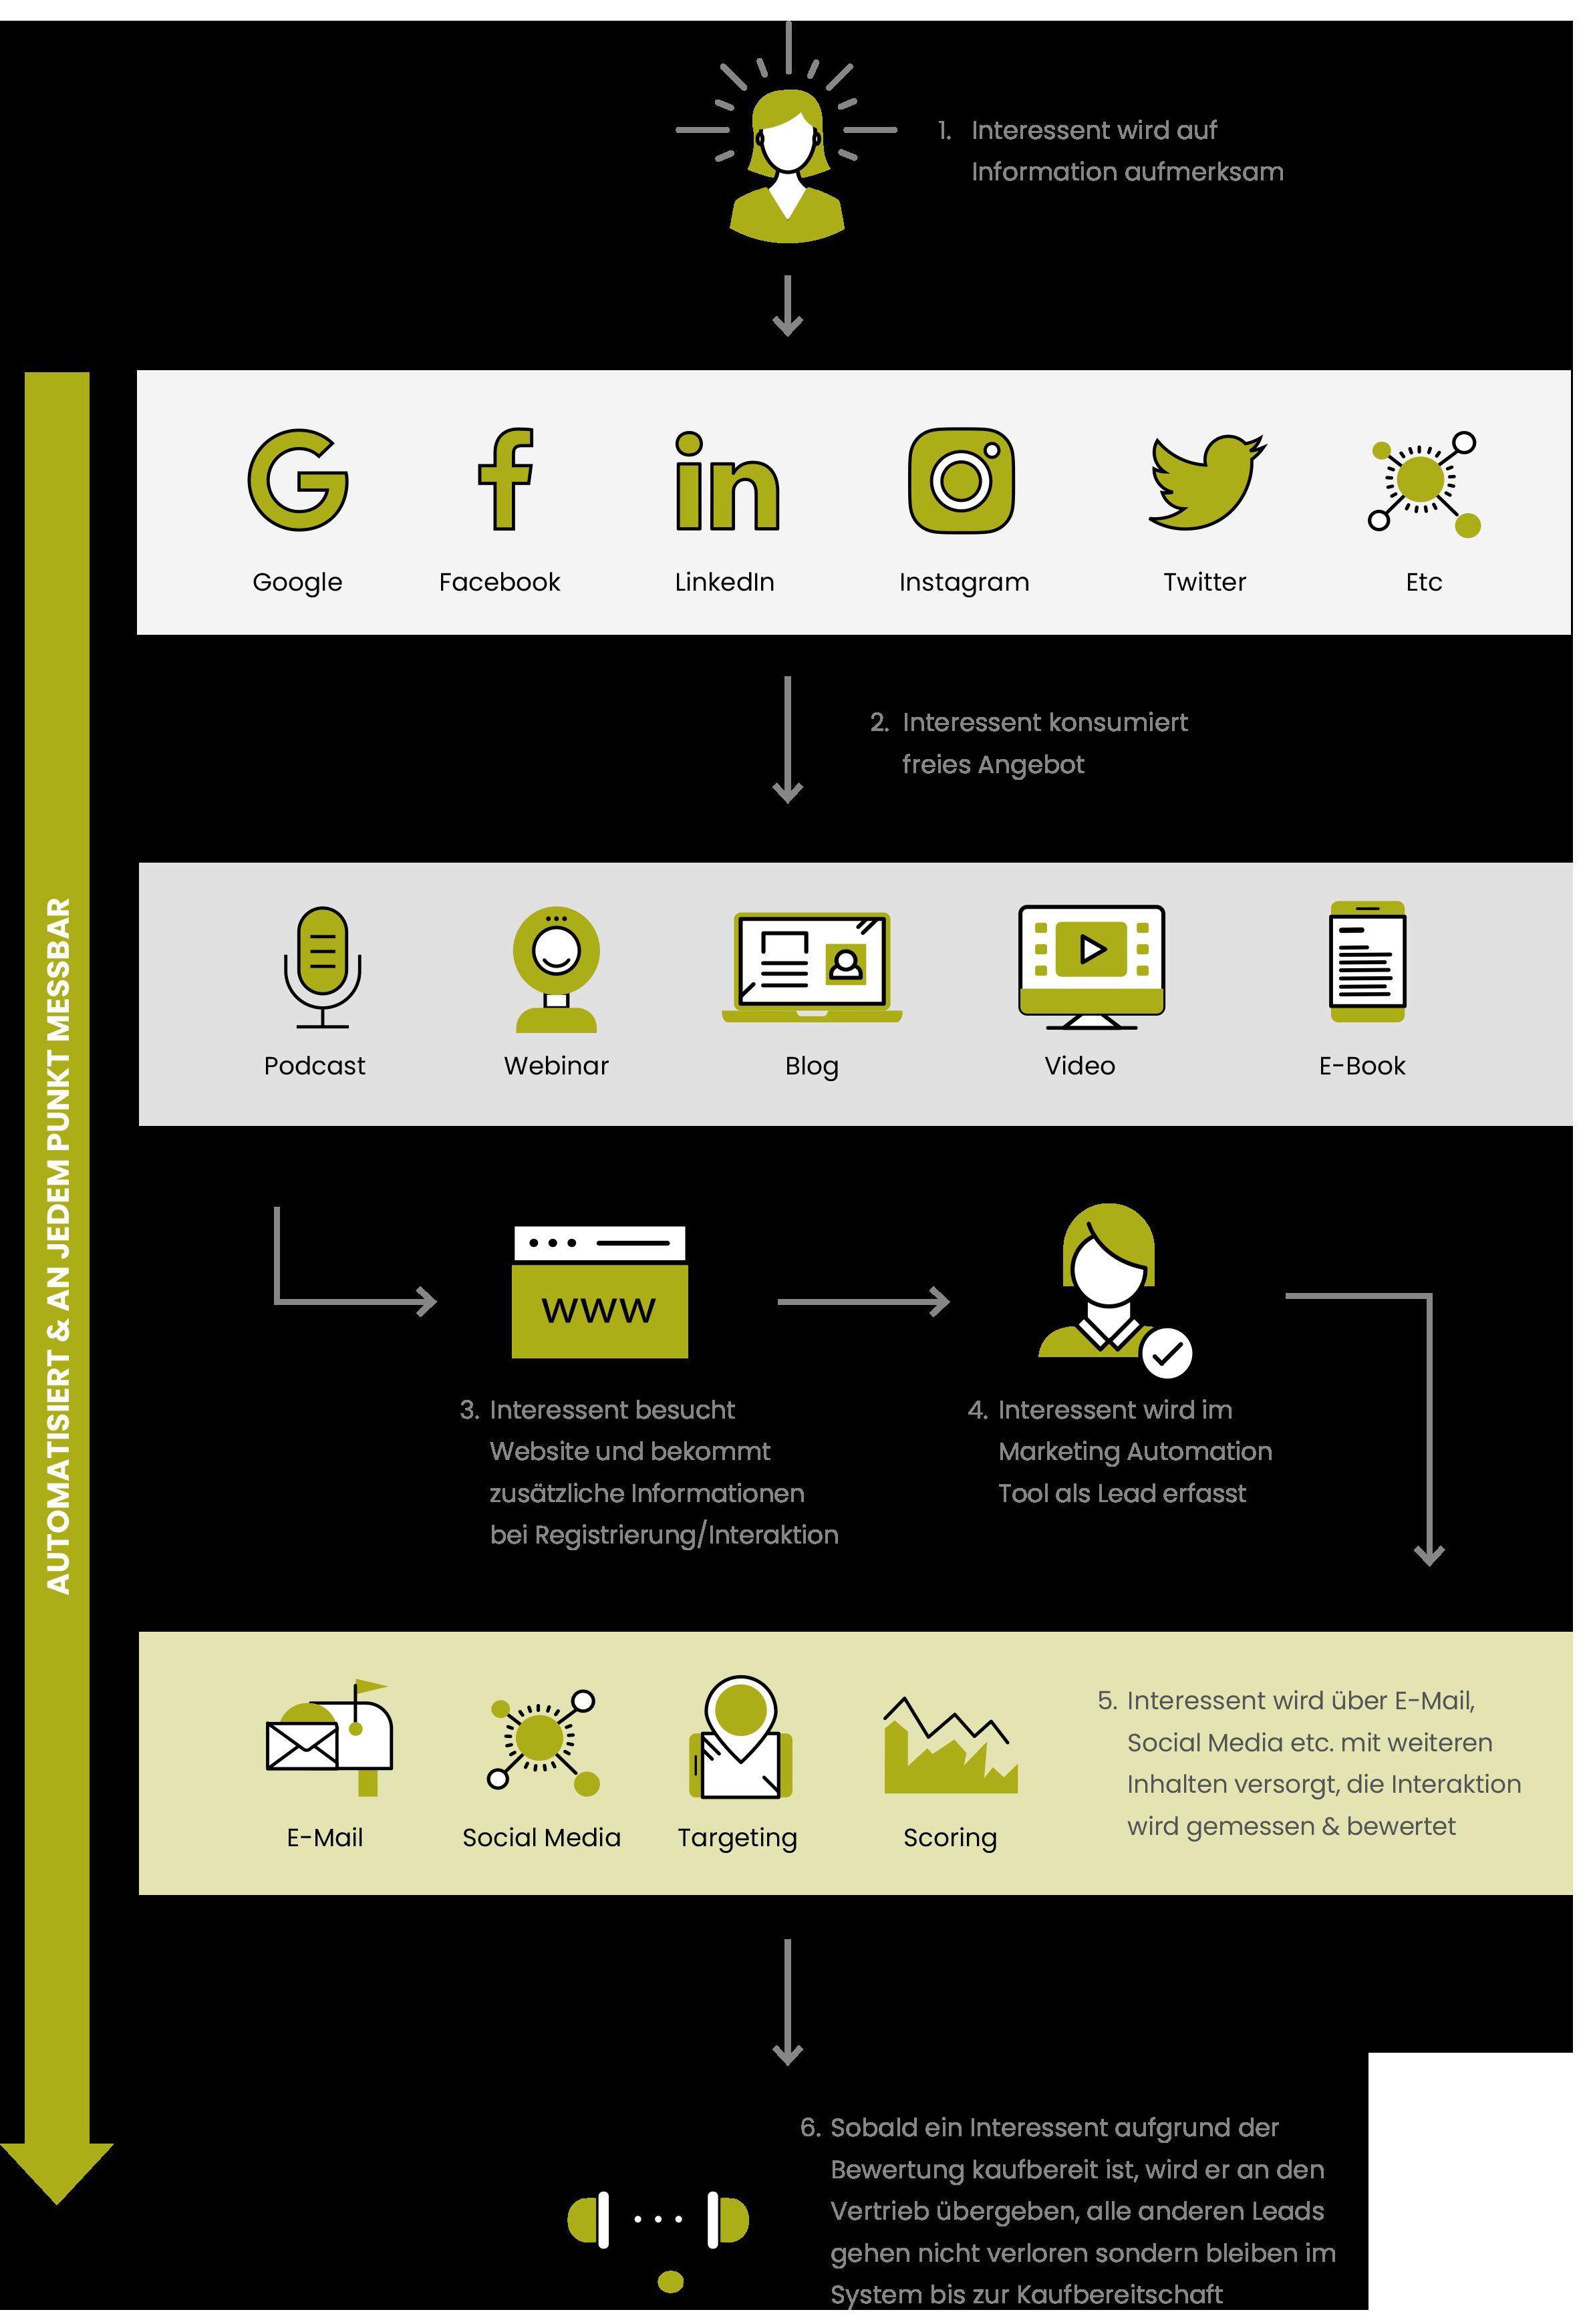 Der digitale Leadgenerierungsprozess im Überblick